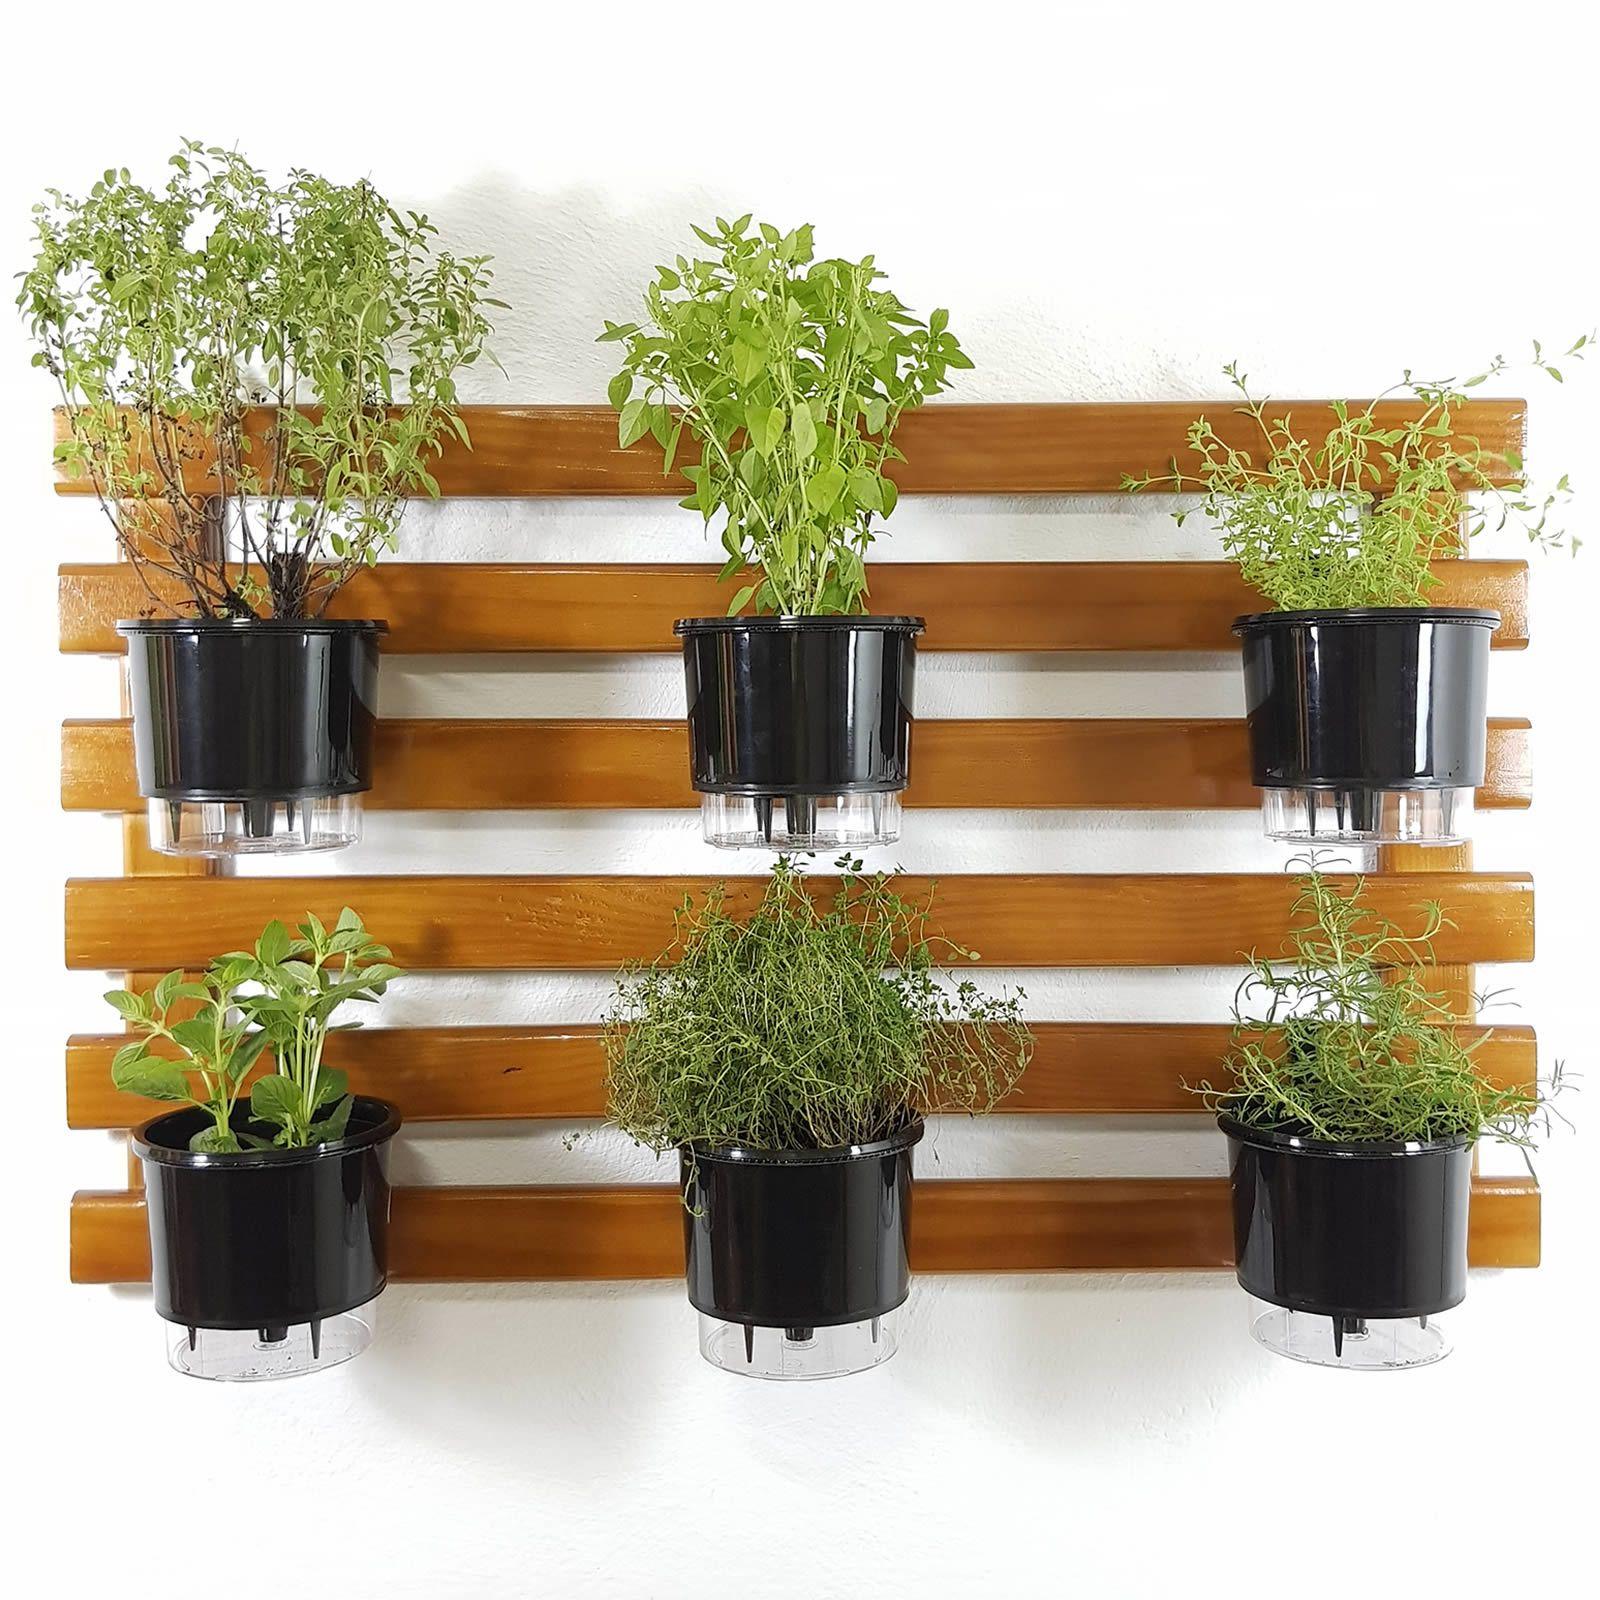 Horta Vertical Imbuia 60x100cm com 6 suportes e 6 Vasos Auto Irrigáveis Pretos